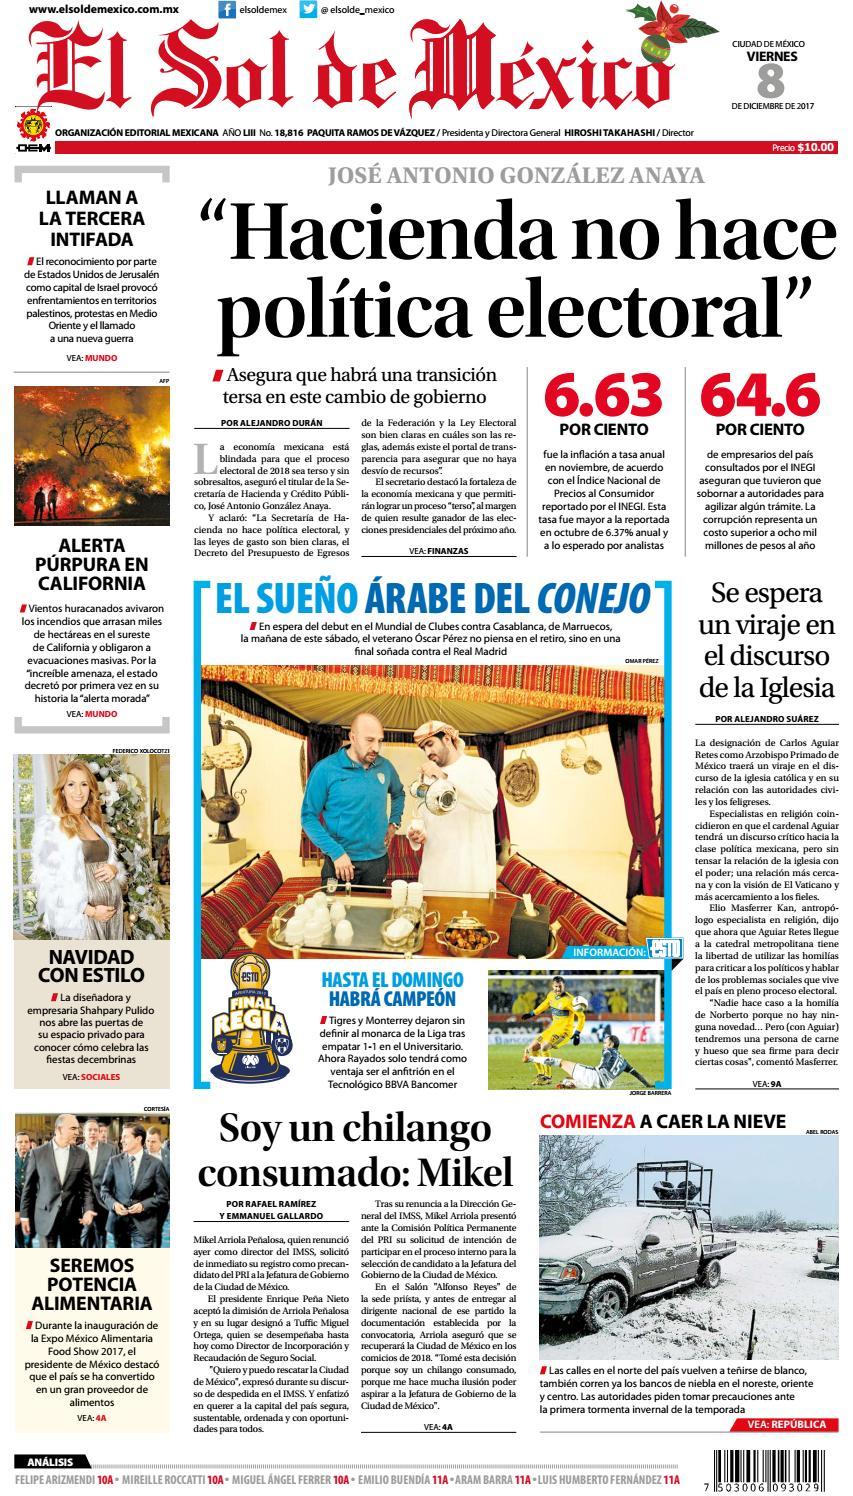 El Sol de México 8 de Diciembre de 2017 by El Sol de México - issuu 874234cdae47c